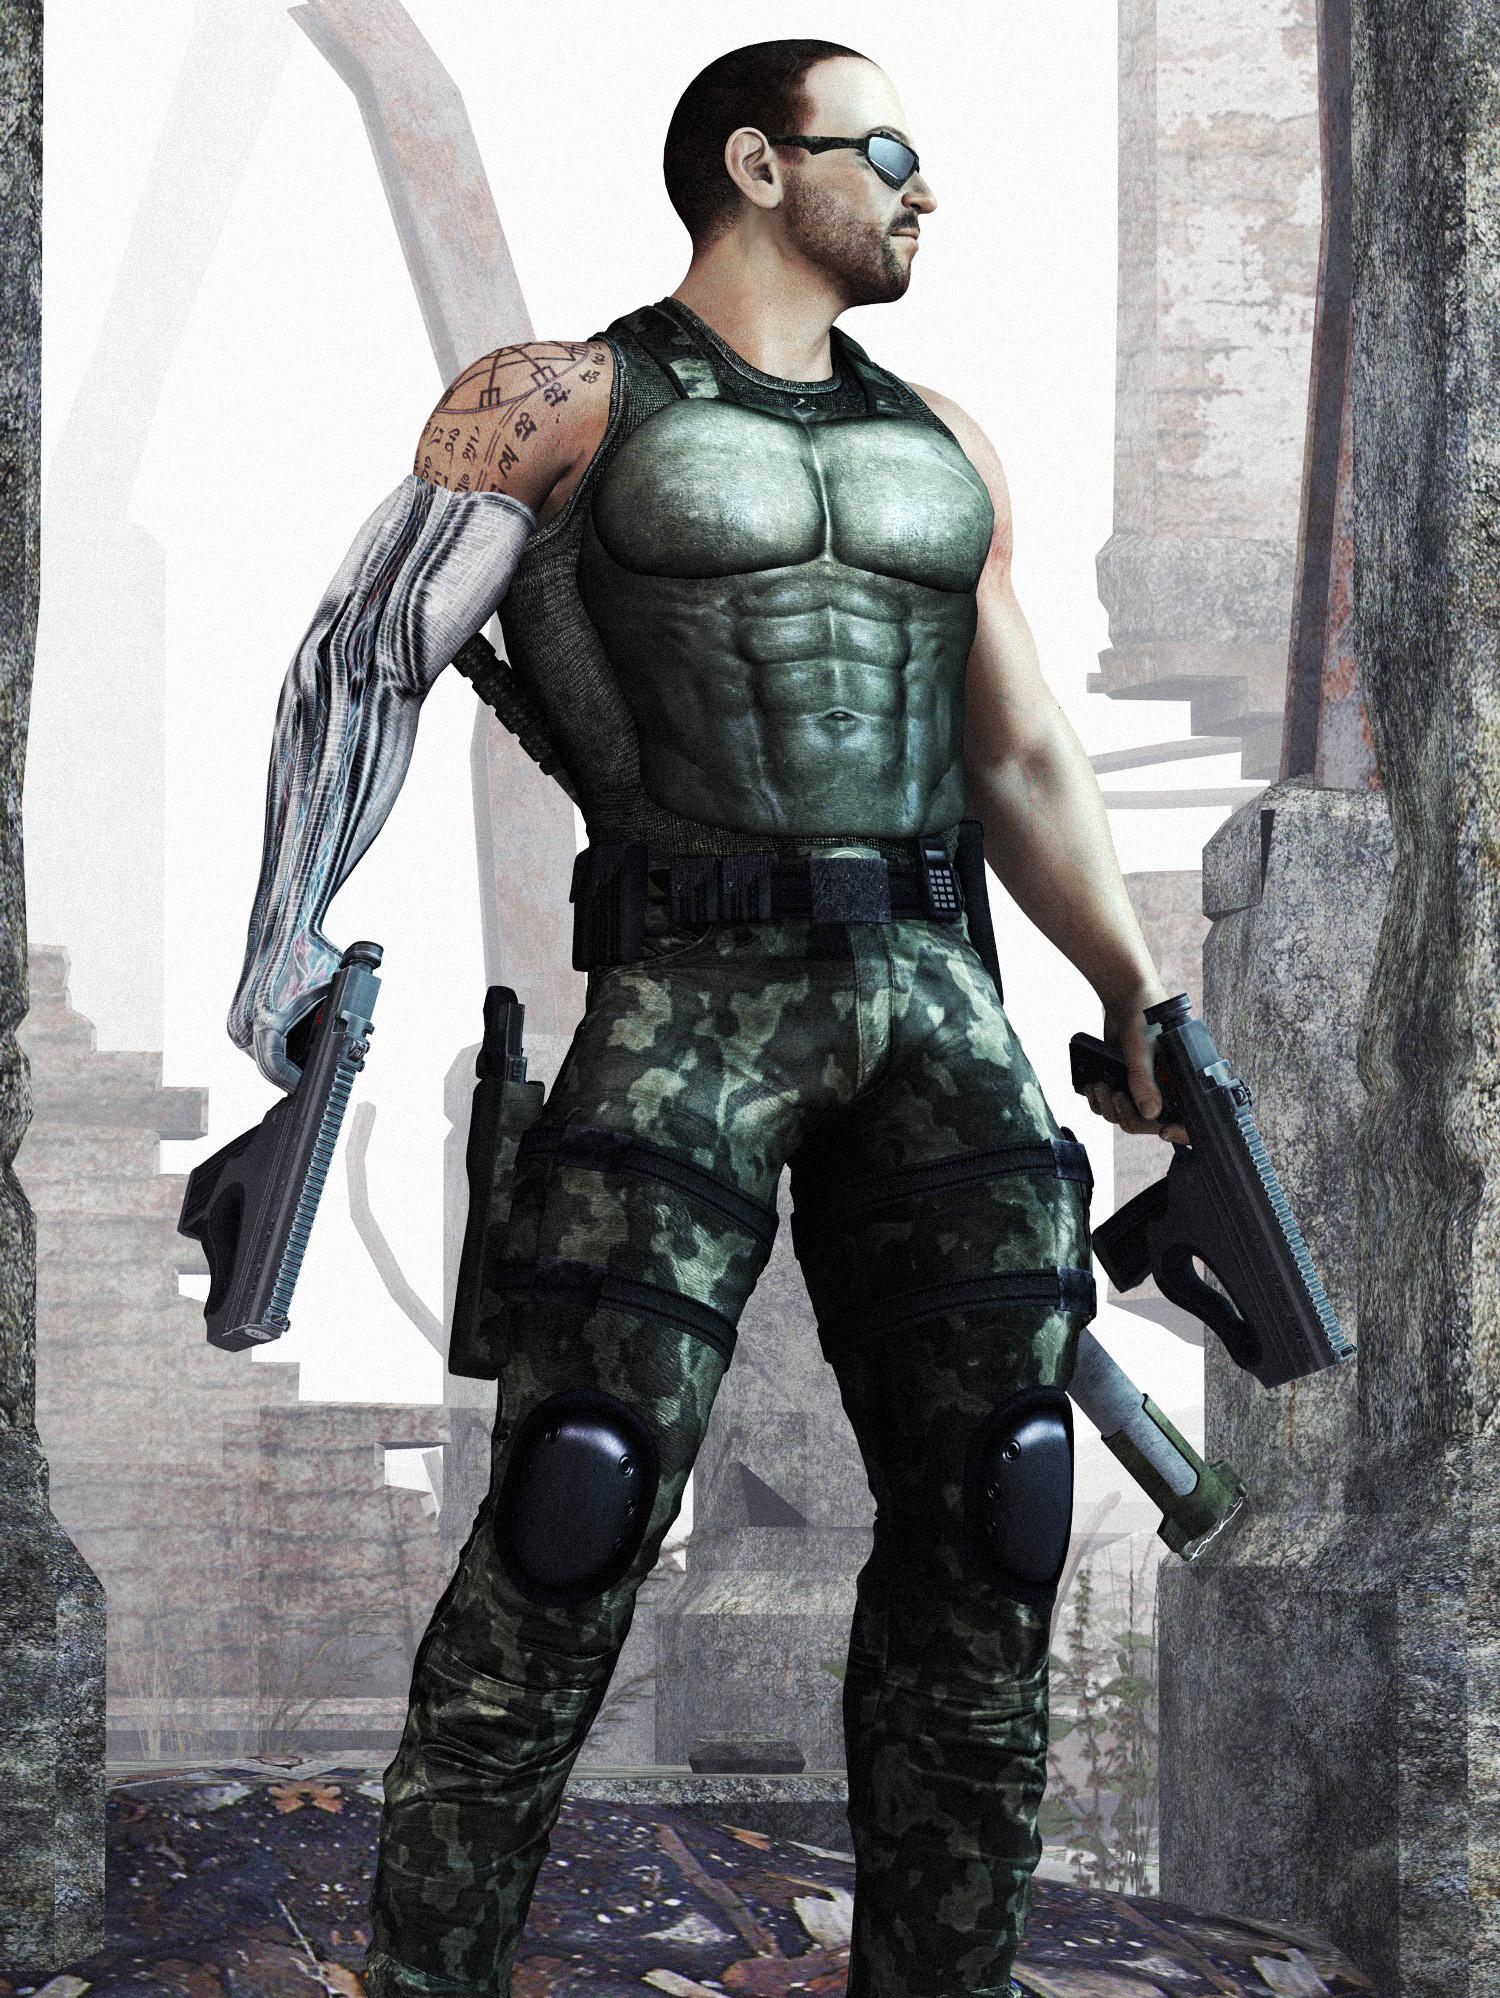 Urban Warrior by kjngrafix